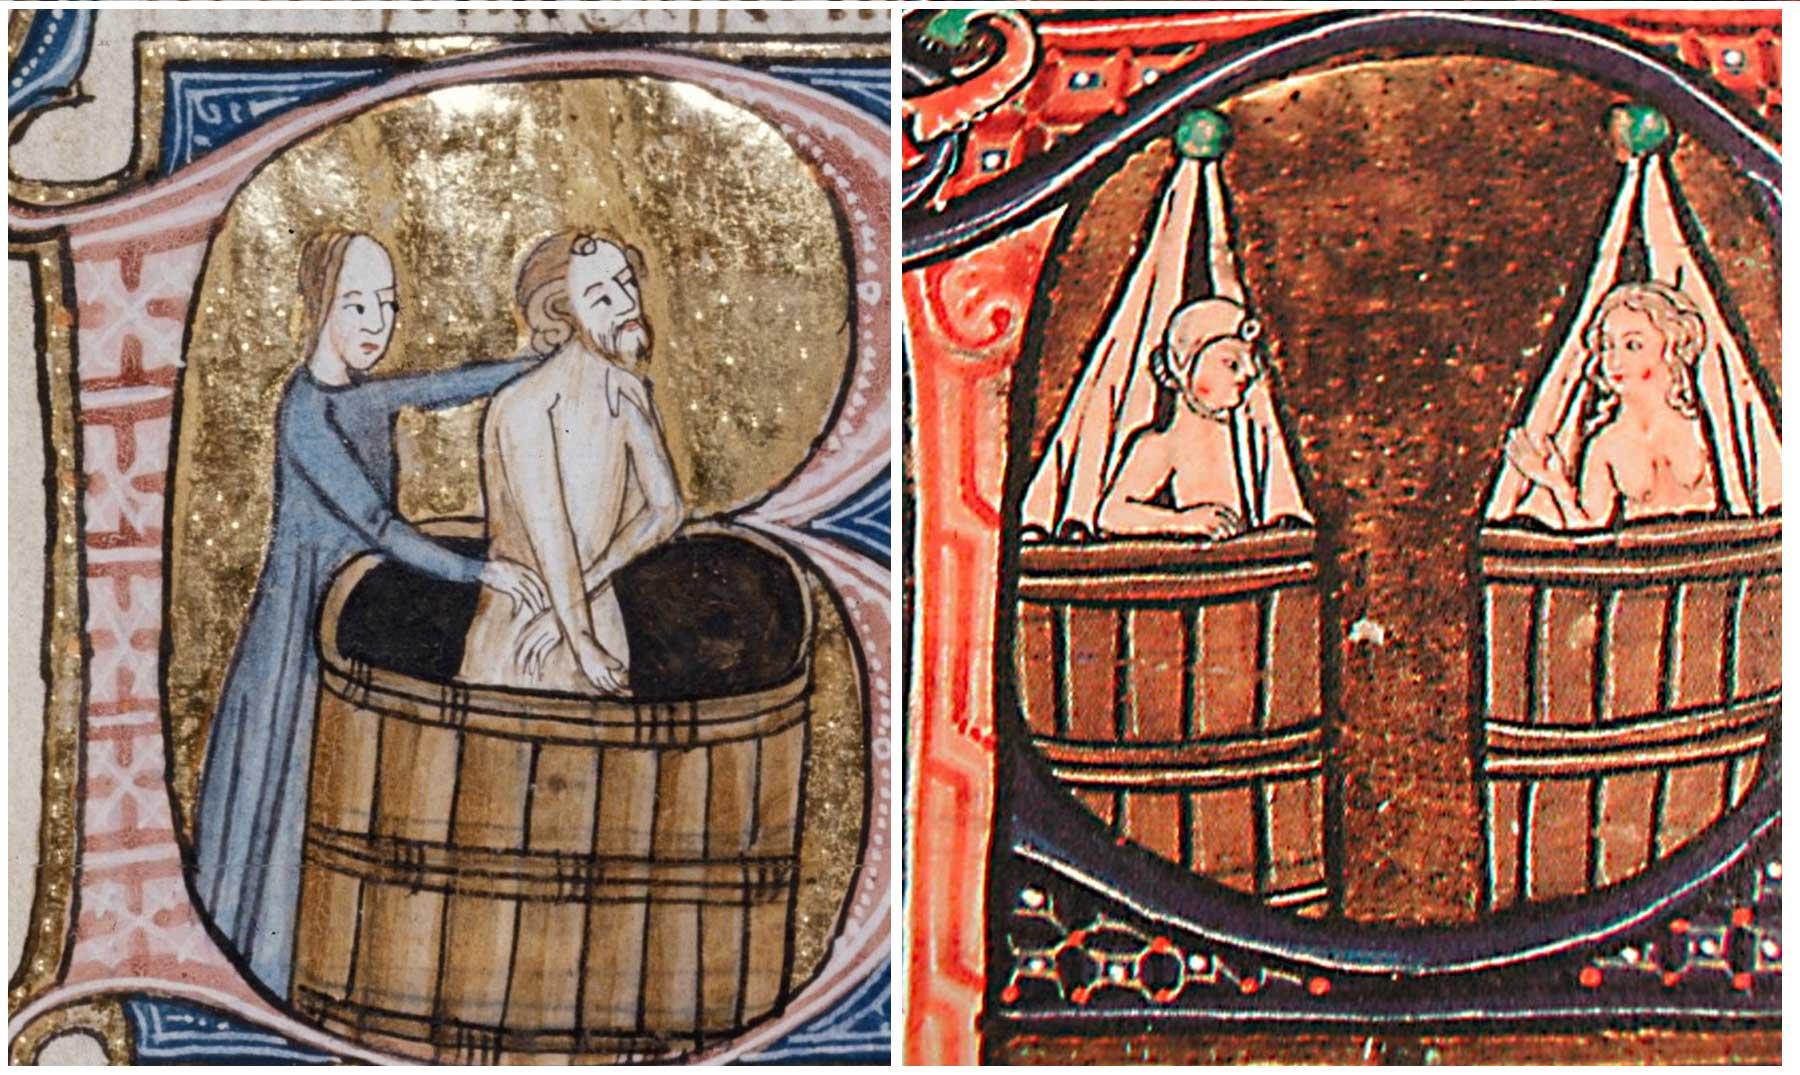 A hixiene persoal na Idade Media Edad Media, Historia, Idade Media, Recuncho da historia